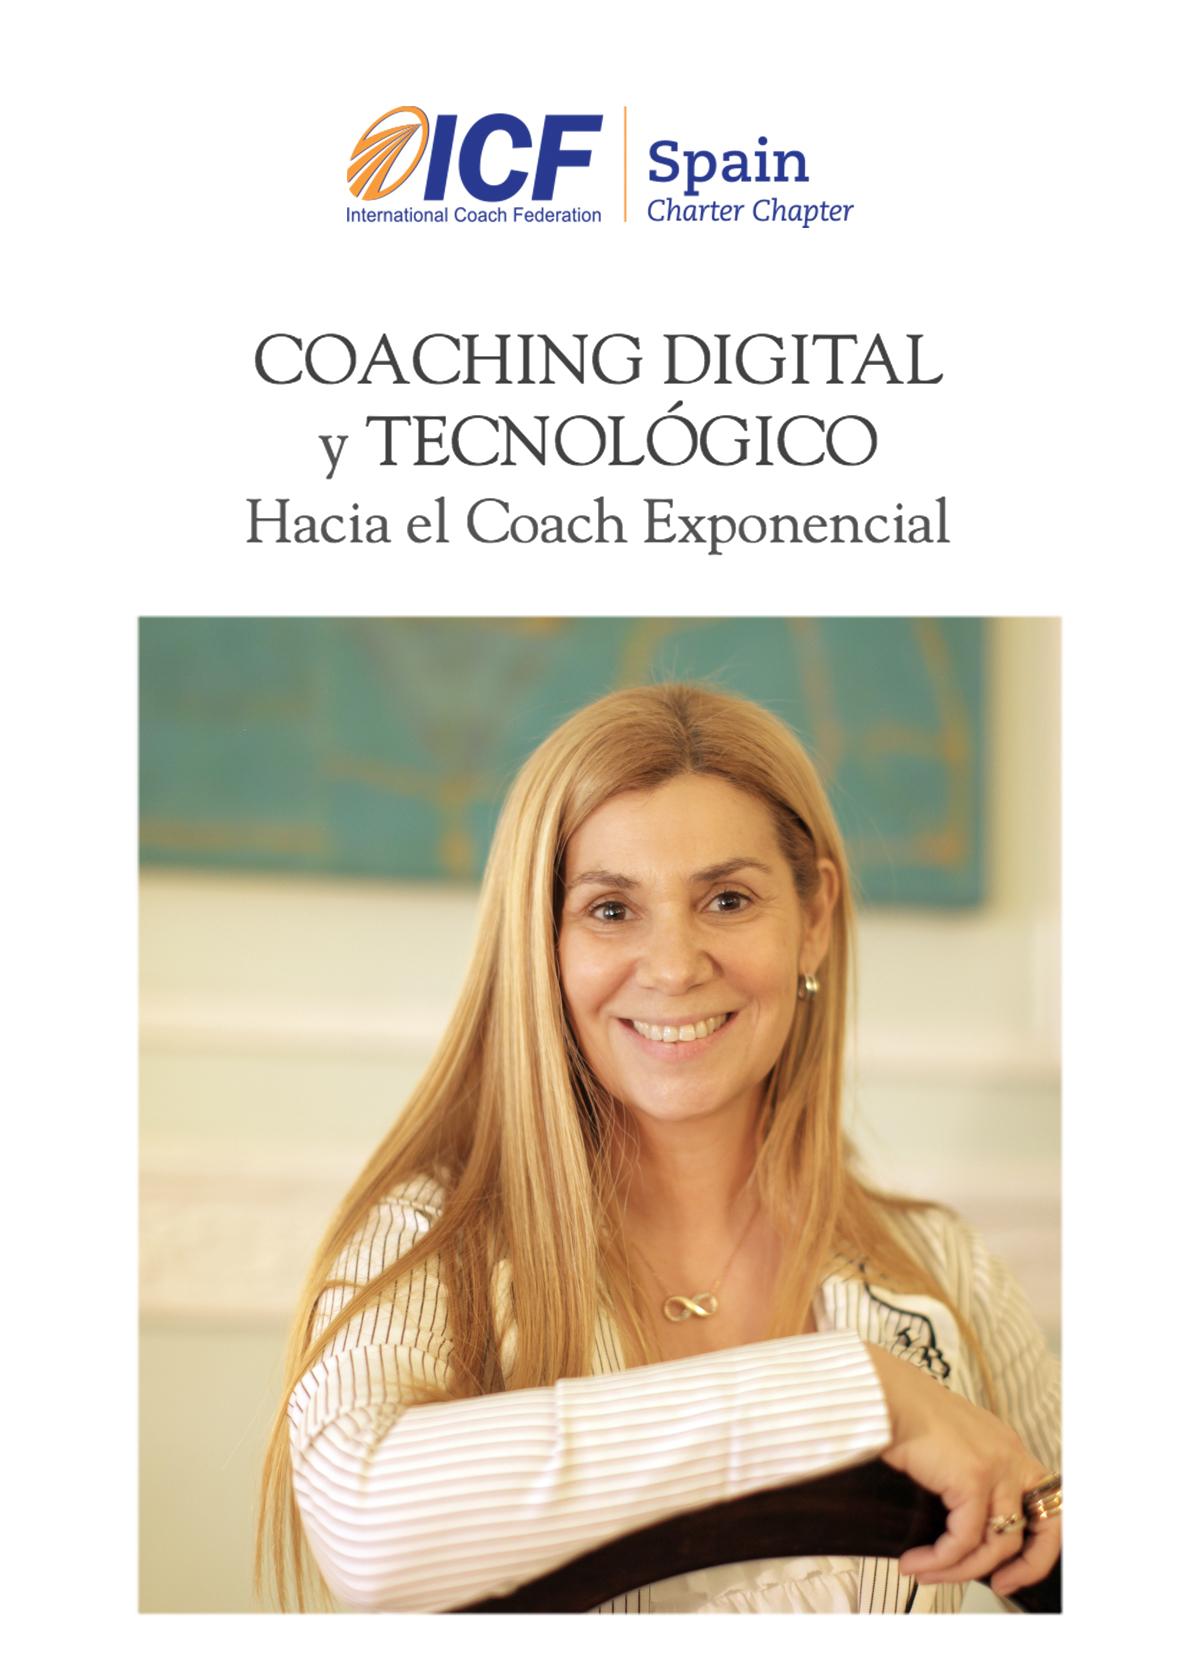 Coaching Digital y Tecnológico: Hacia el Coach Exponencial - Como sociedad estamos presenciando un proceso acelerado de cambios a nivel mundial, impactando fuerte en la economía, el trabajo y la sociedad.Ver más